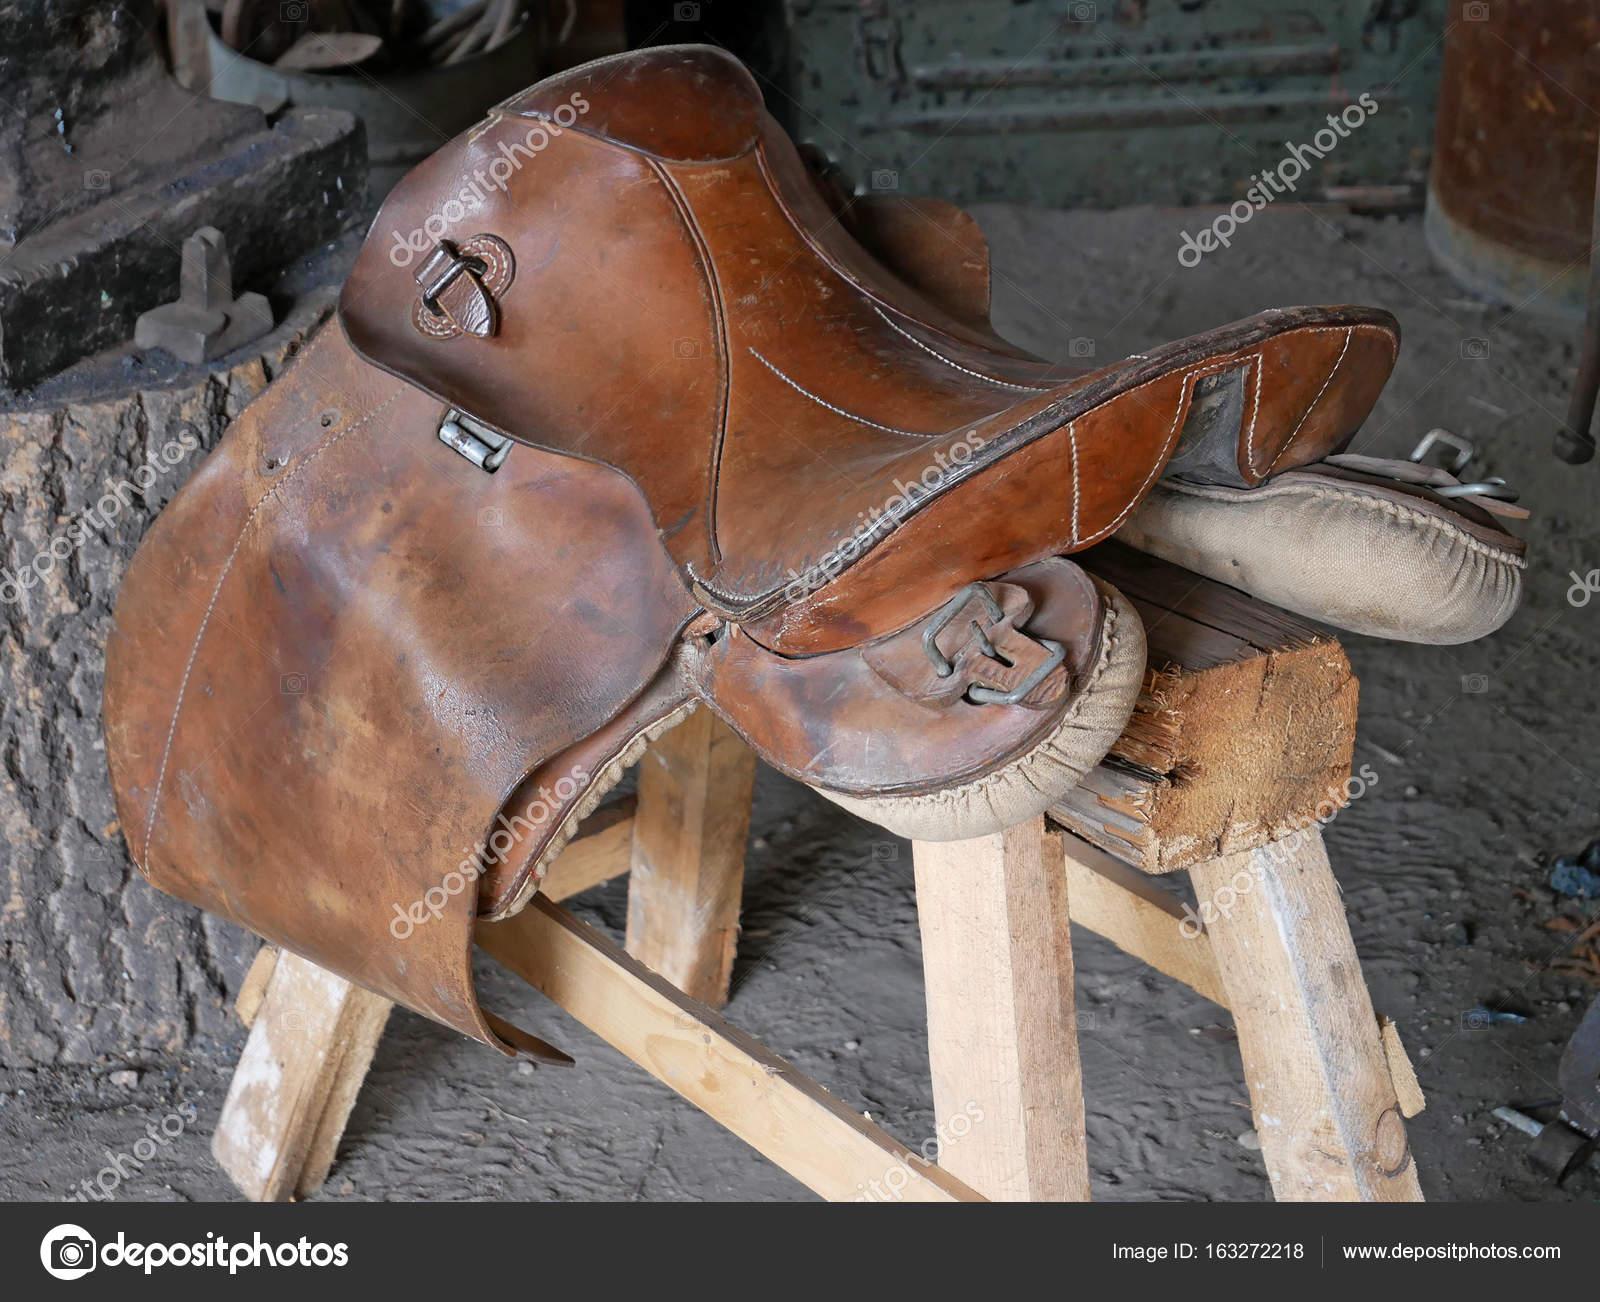 Sillas para montar usadas silla de montar caballo taller de talabarter a tradicional foto - Silla montar caballo ...